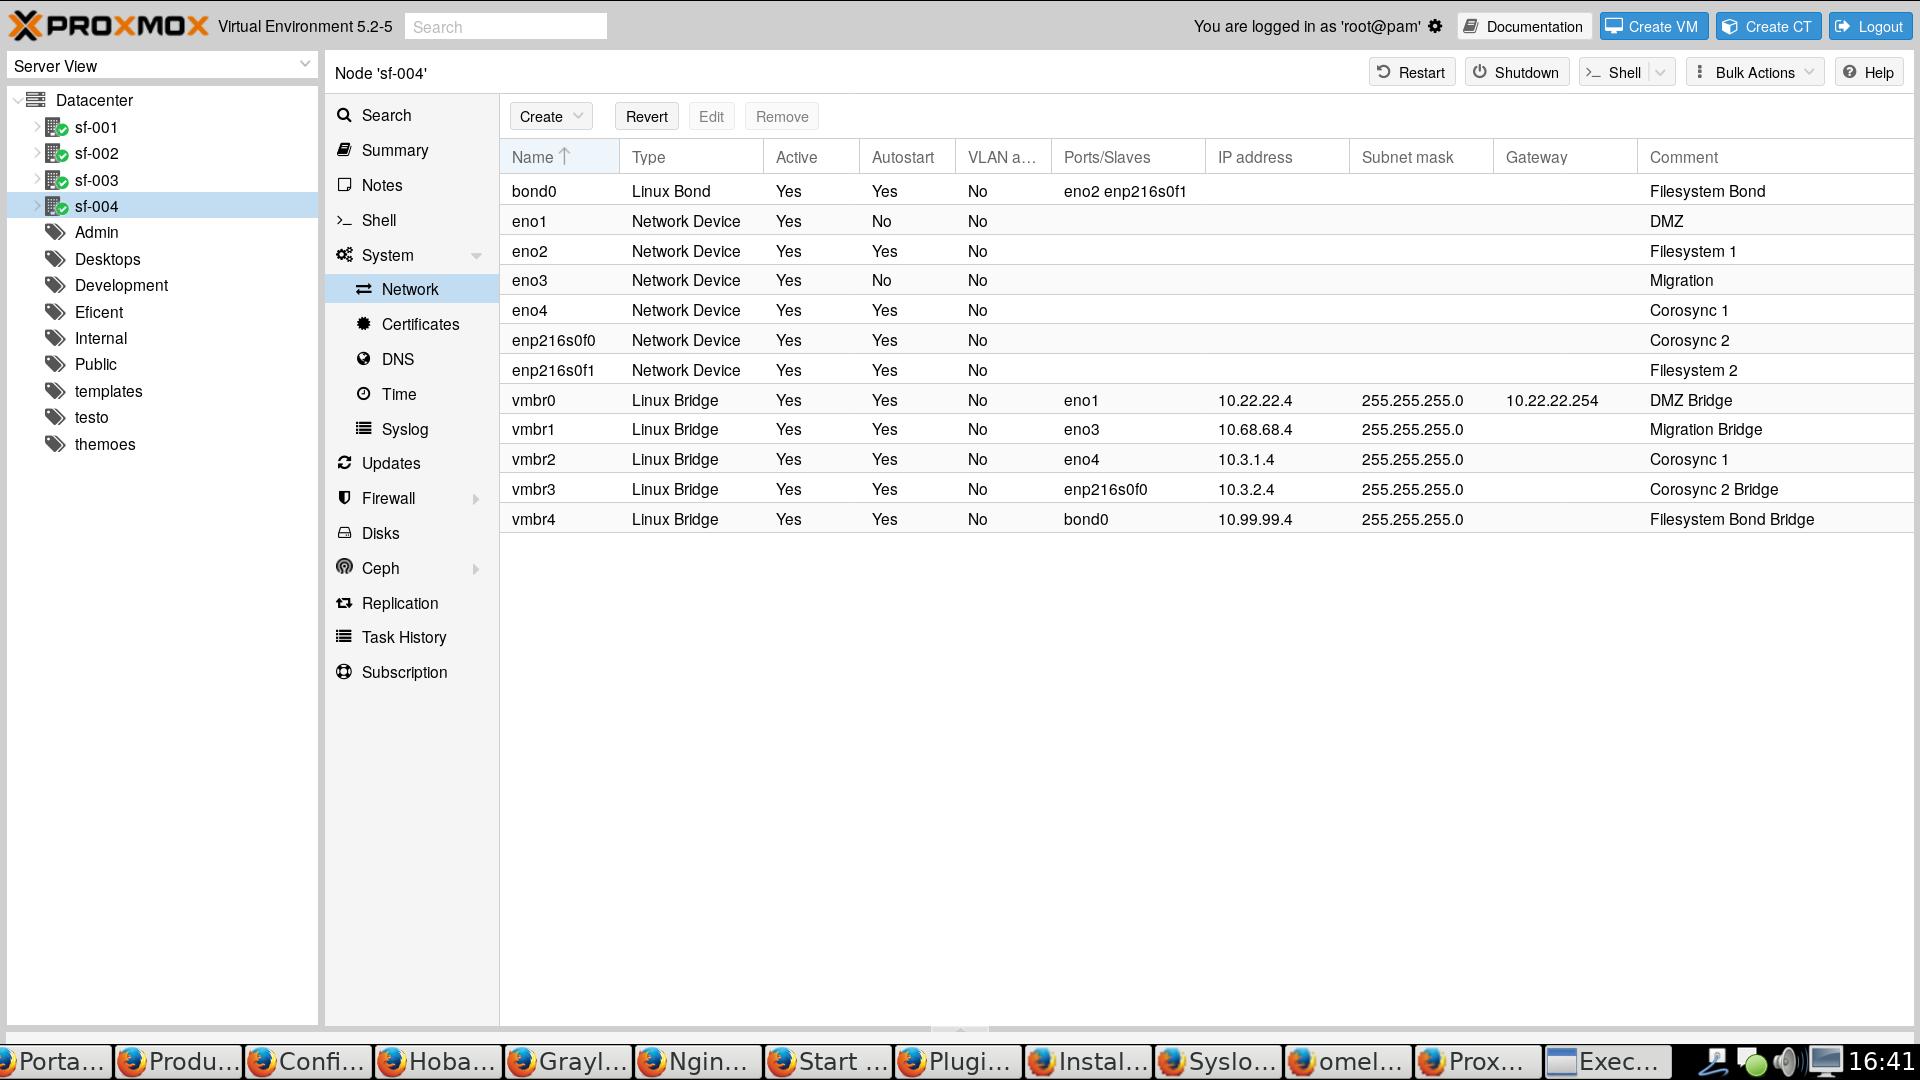 Add new sf-005 metal Proxmox node · 1b6aa7415a - forksand-it